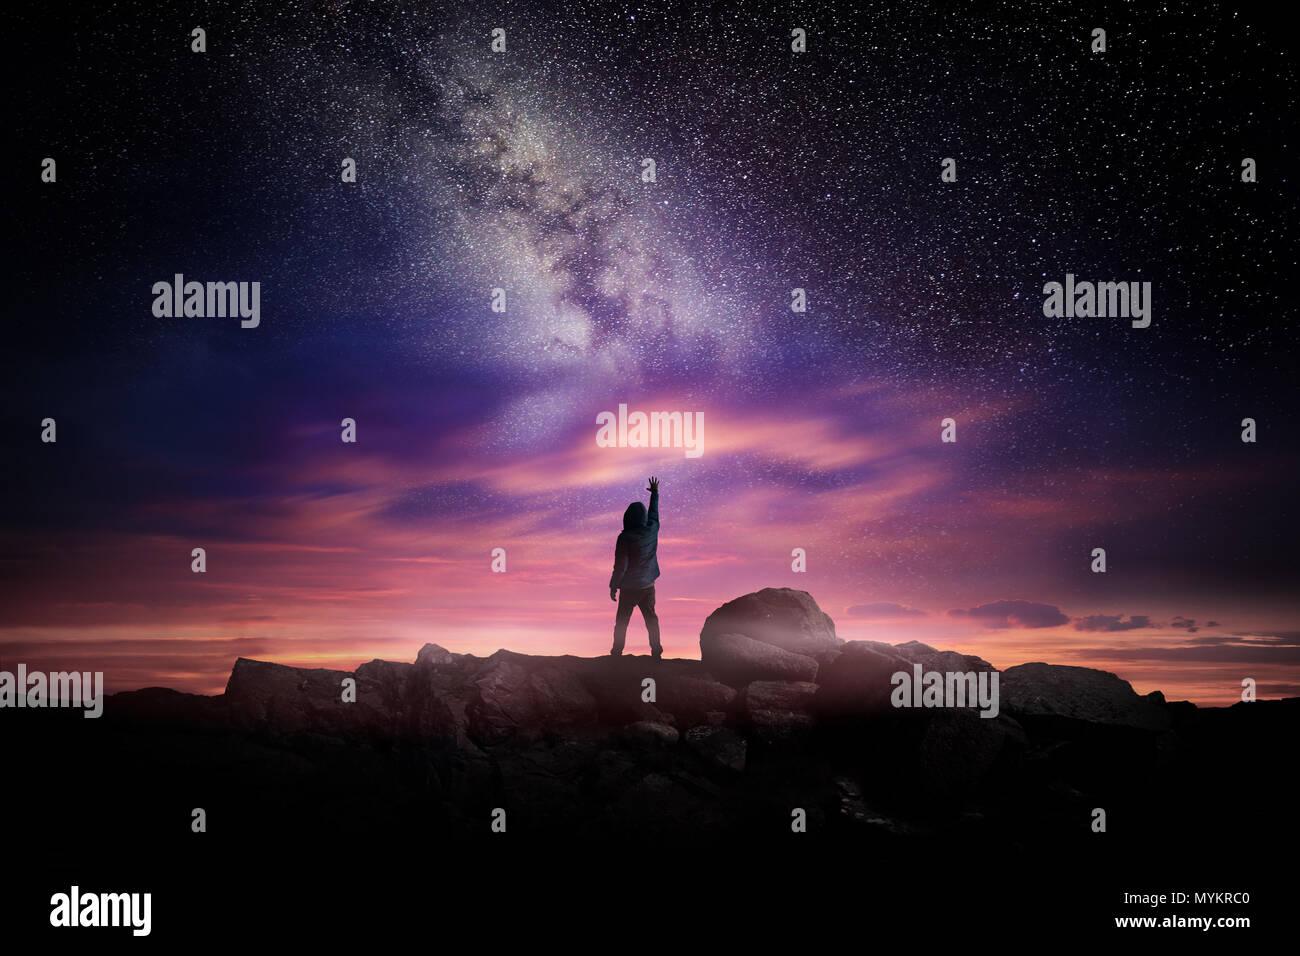 La noche larga exposición fotografía paisajística. Un hombre de pie en un lugar alto hasta llegar a preguntarse a la galaxia de la Vía Láctea, foto compuesta. Imagen De Stock